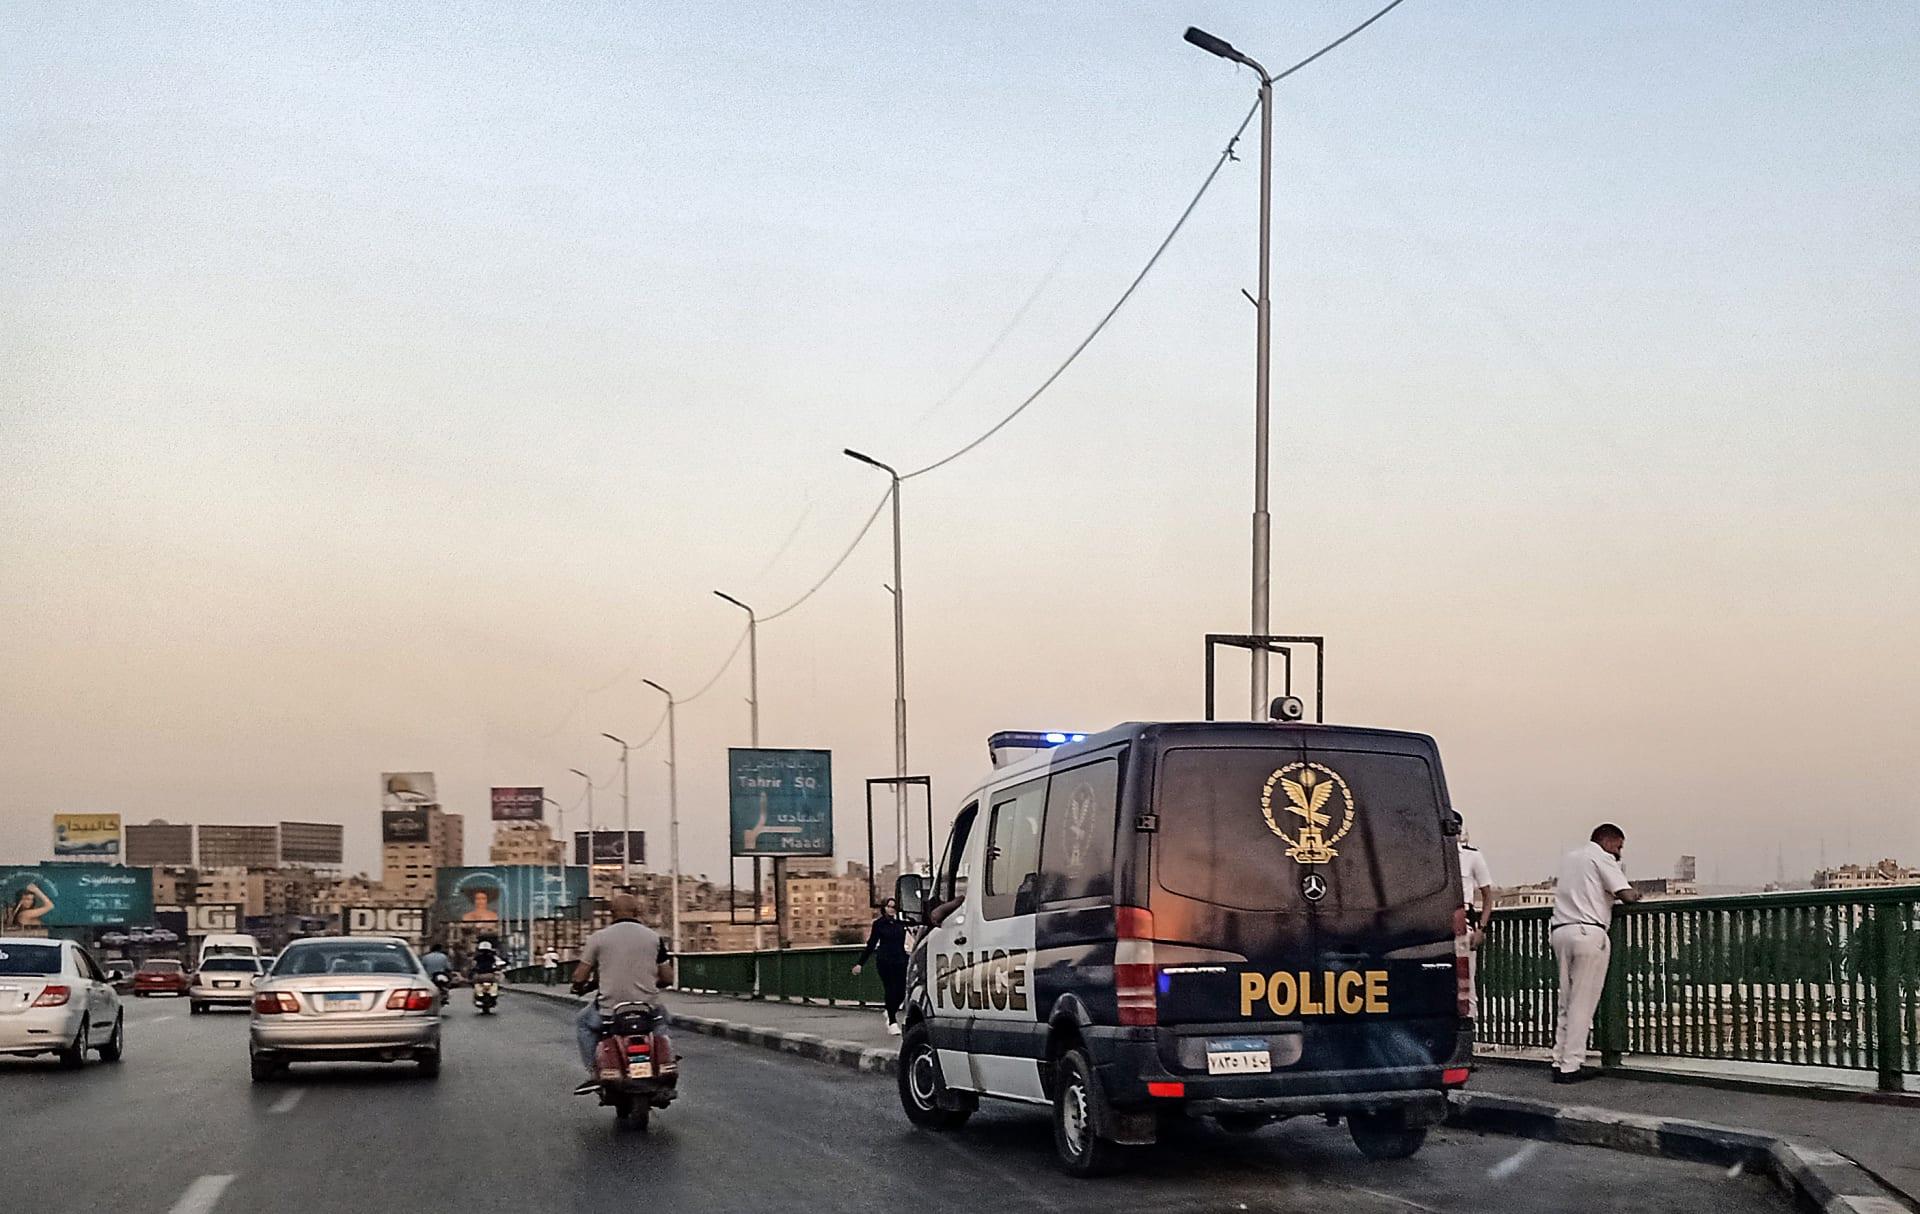 ناشط حقوقي مصري بارز يقول إن قوات الأمن اعتدت عليه.. وصبت الطلاء على جسده